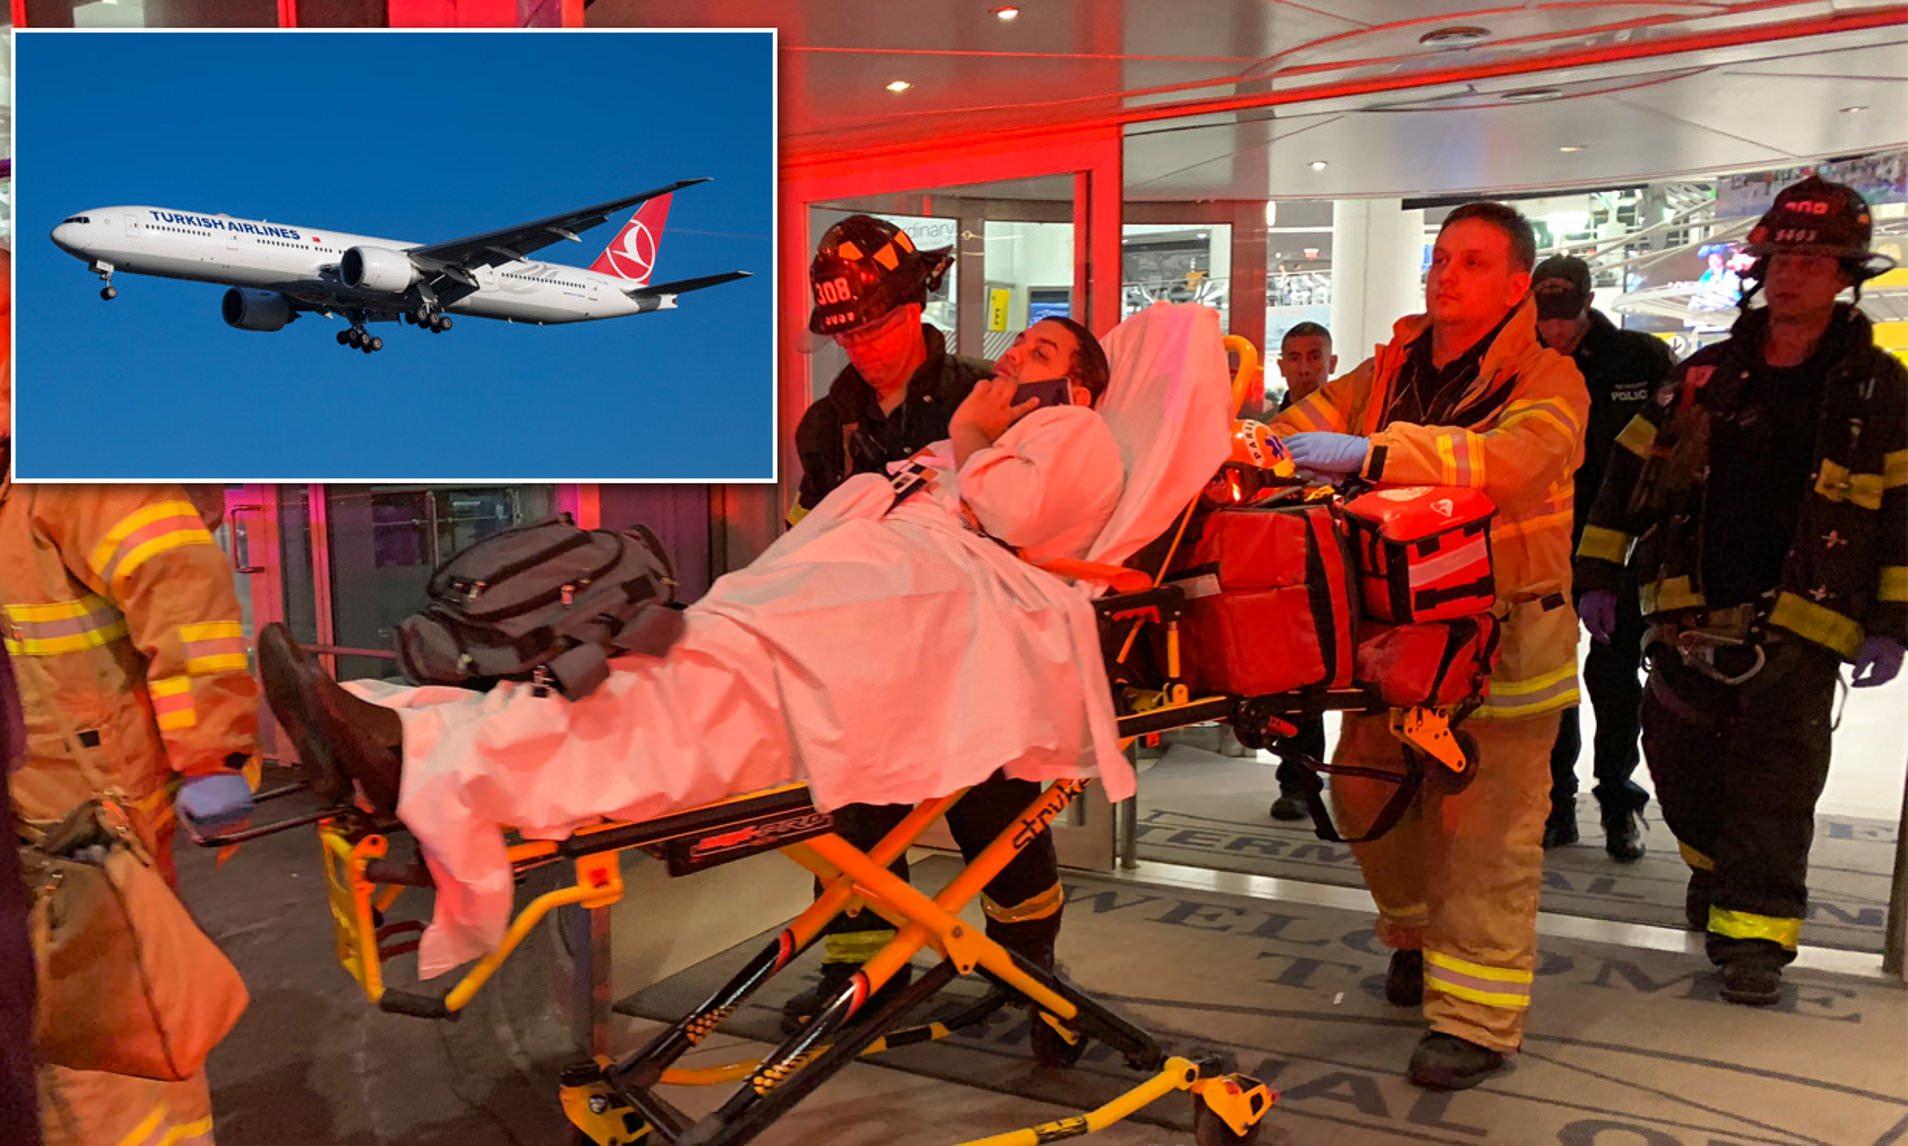 Incindent. Un Boeing 777 Turkish Airlines cu 326 de pasageri a trecut prin turbulențe severe. 30 de răniți